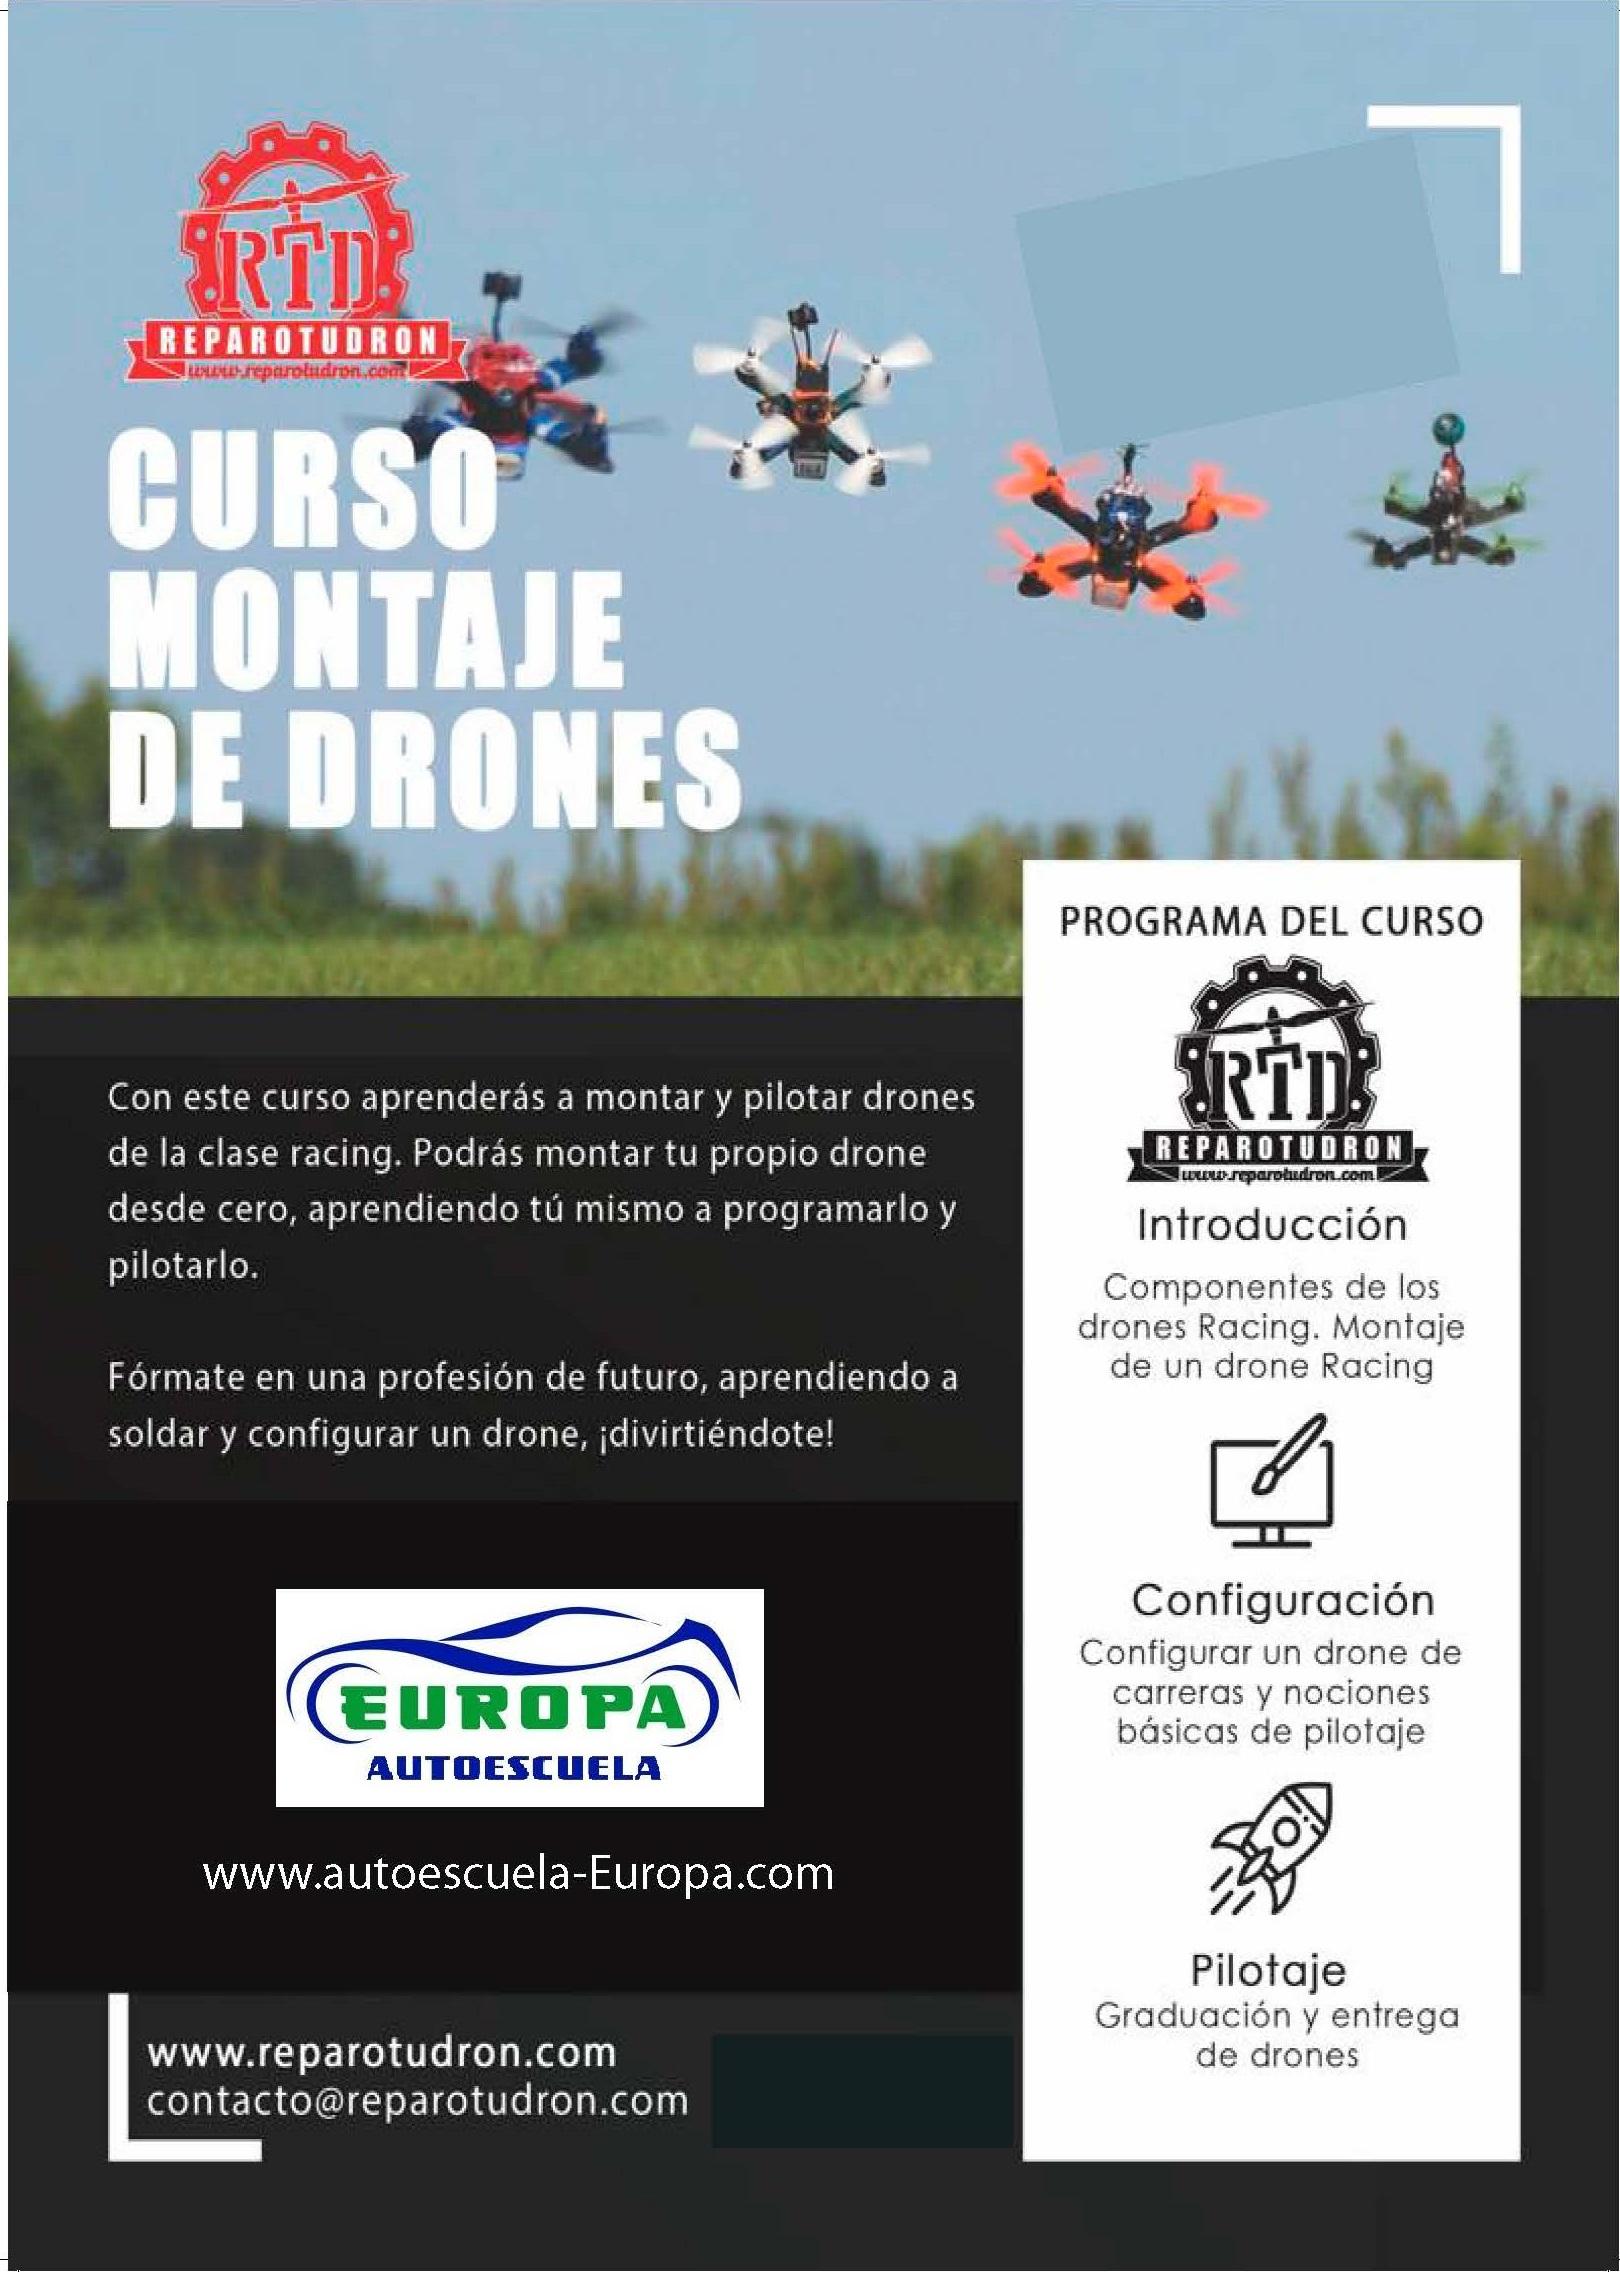 CURSO MONTAJE DE DRONES